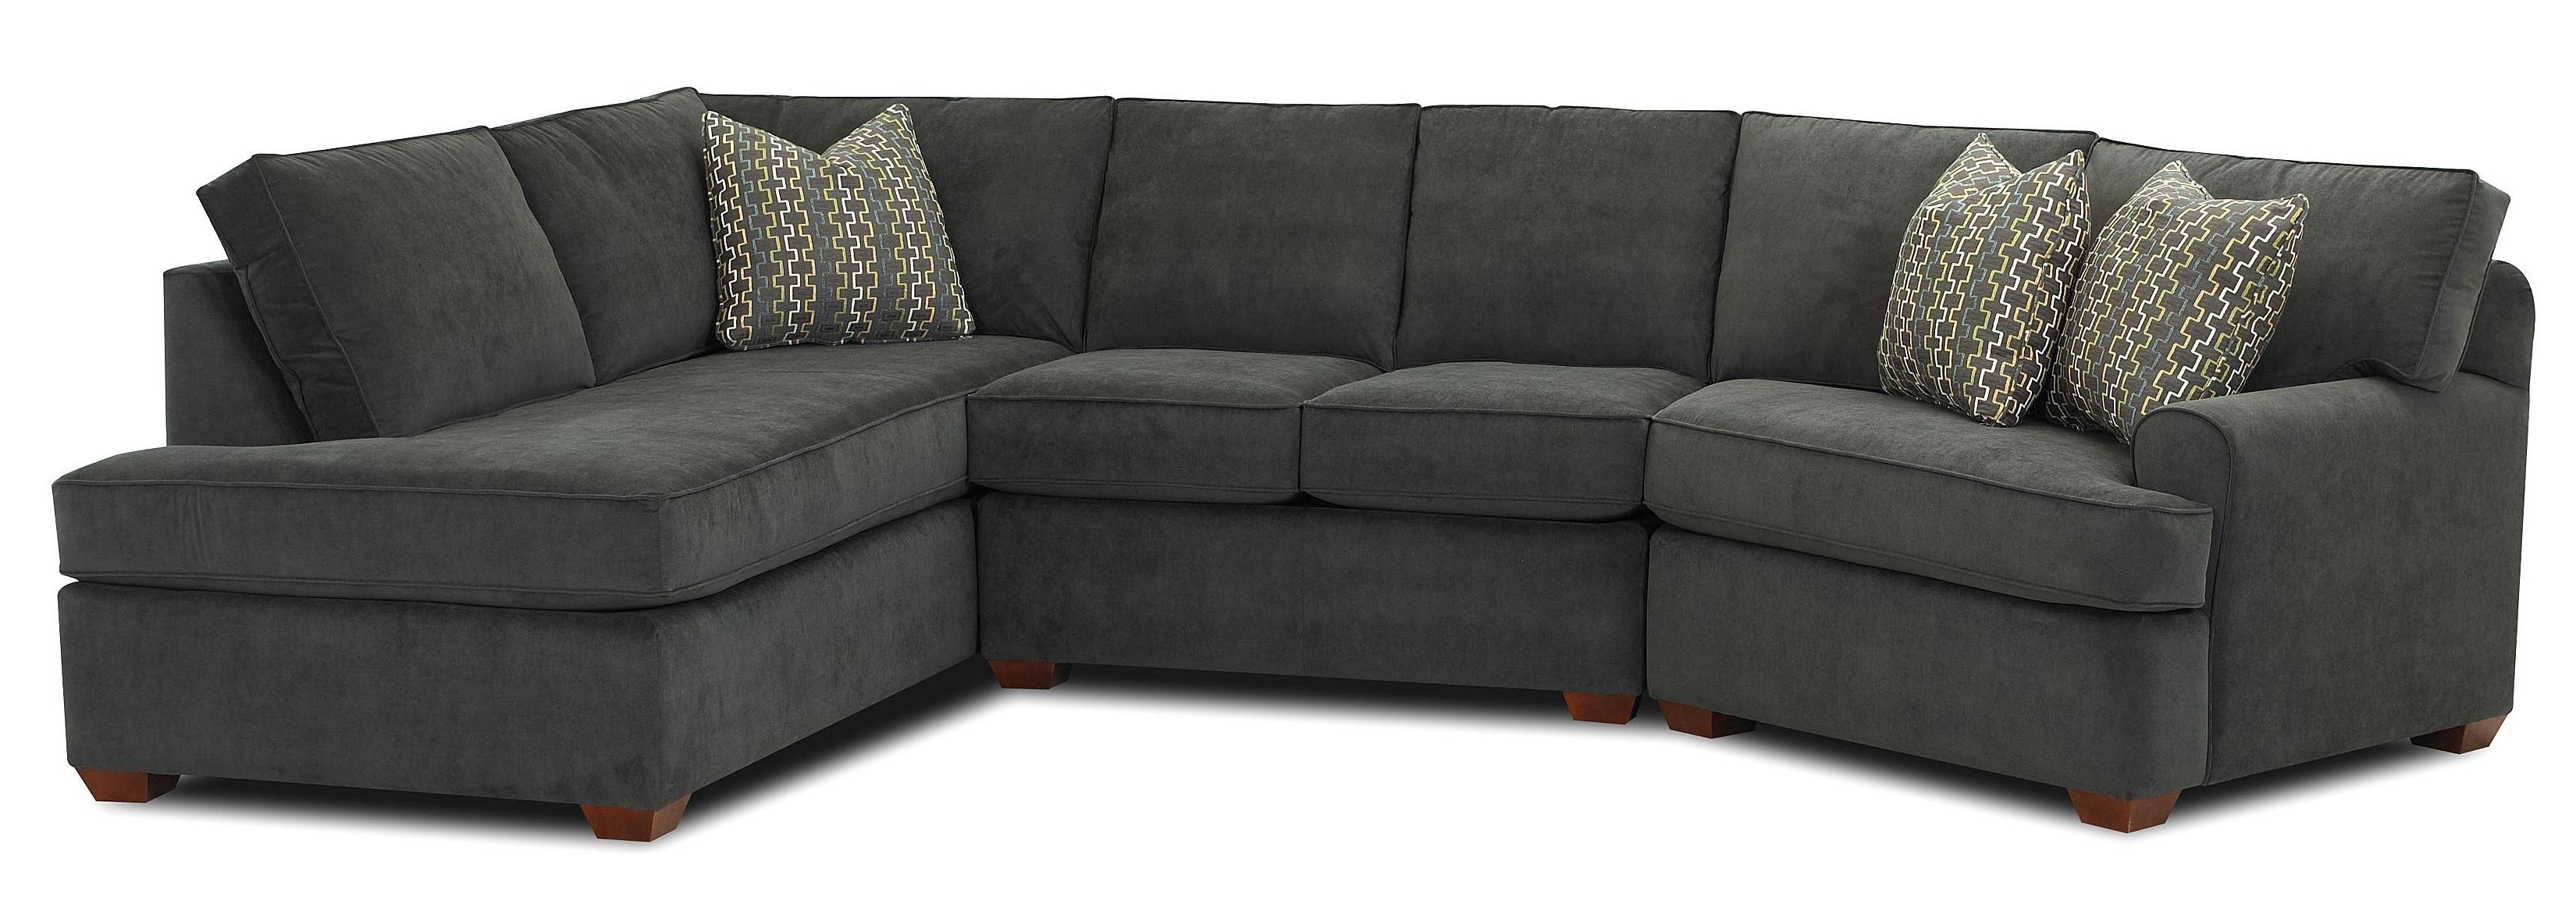 Pinterest Regarding Sectional Sofas At Brampton (View 10 of 15)